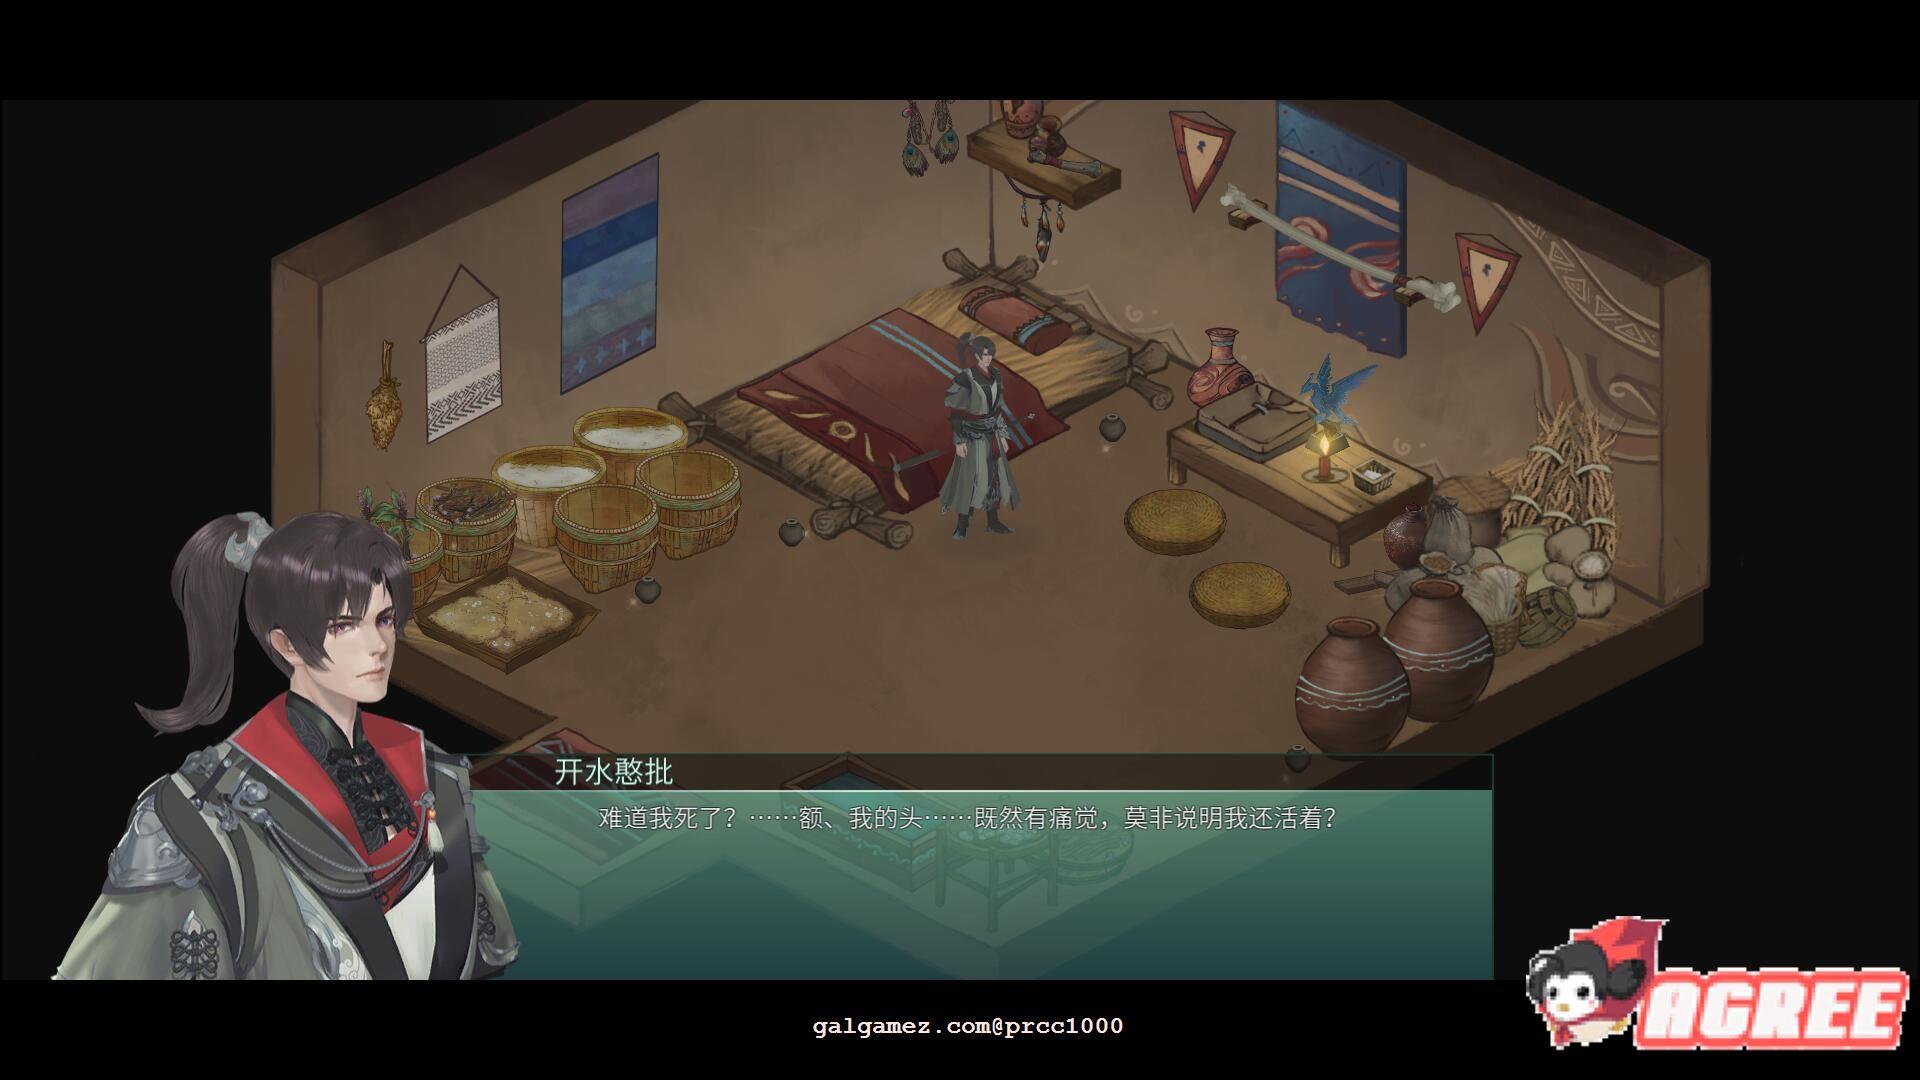 【大型RPG/中文/全动态】烈山海-BMS1 STEAM官方中文步兵版[极品国风] 【3.7G/新作】 20